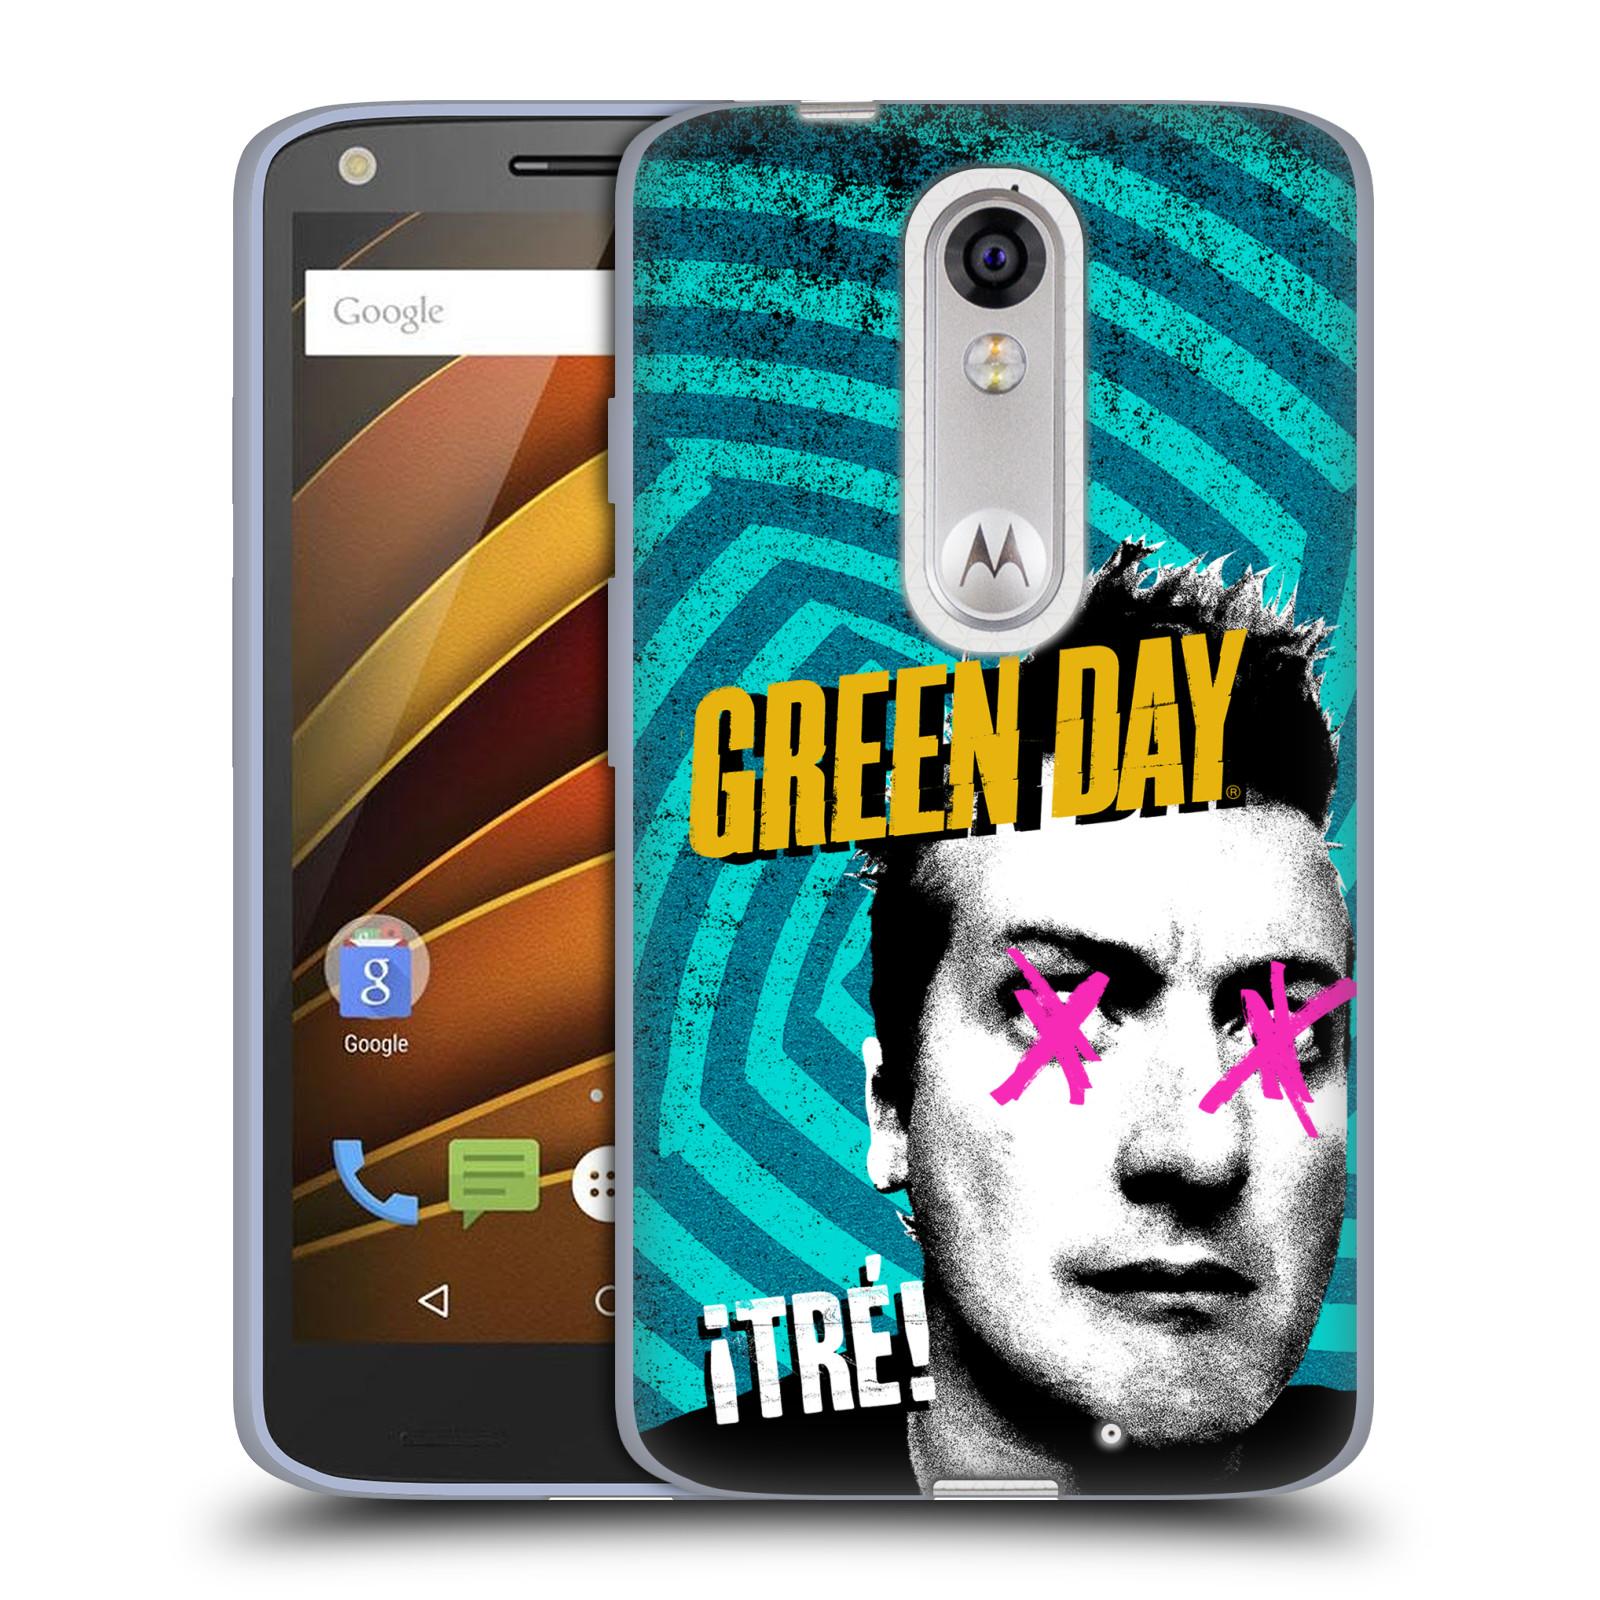 Silikonové pouzdro na mobil Lenovo Moto X Force HEAD CASE Green Day - Tré (Silikonový kryt či obal na mobilní telefon licencovaným motivem Green Day pro Lenovo Moto X Force (Motorola))